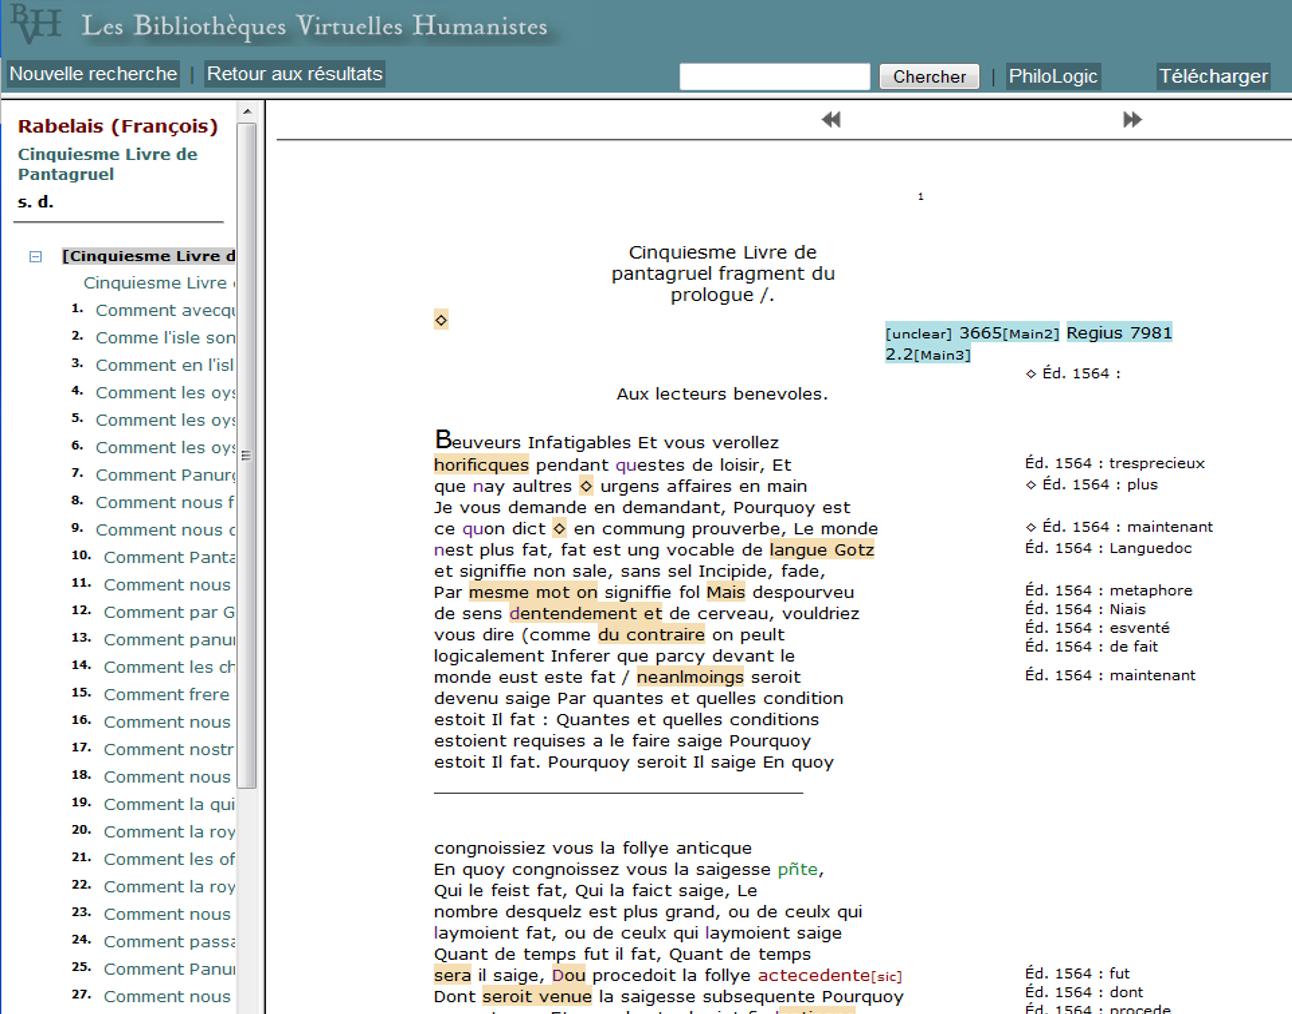 Prévisualisation du texte en cours d'encodage